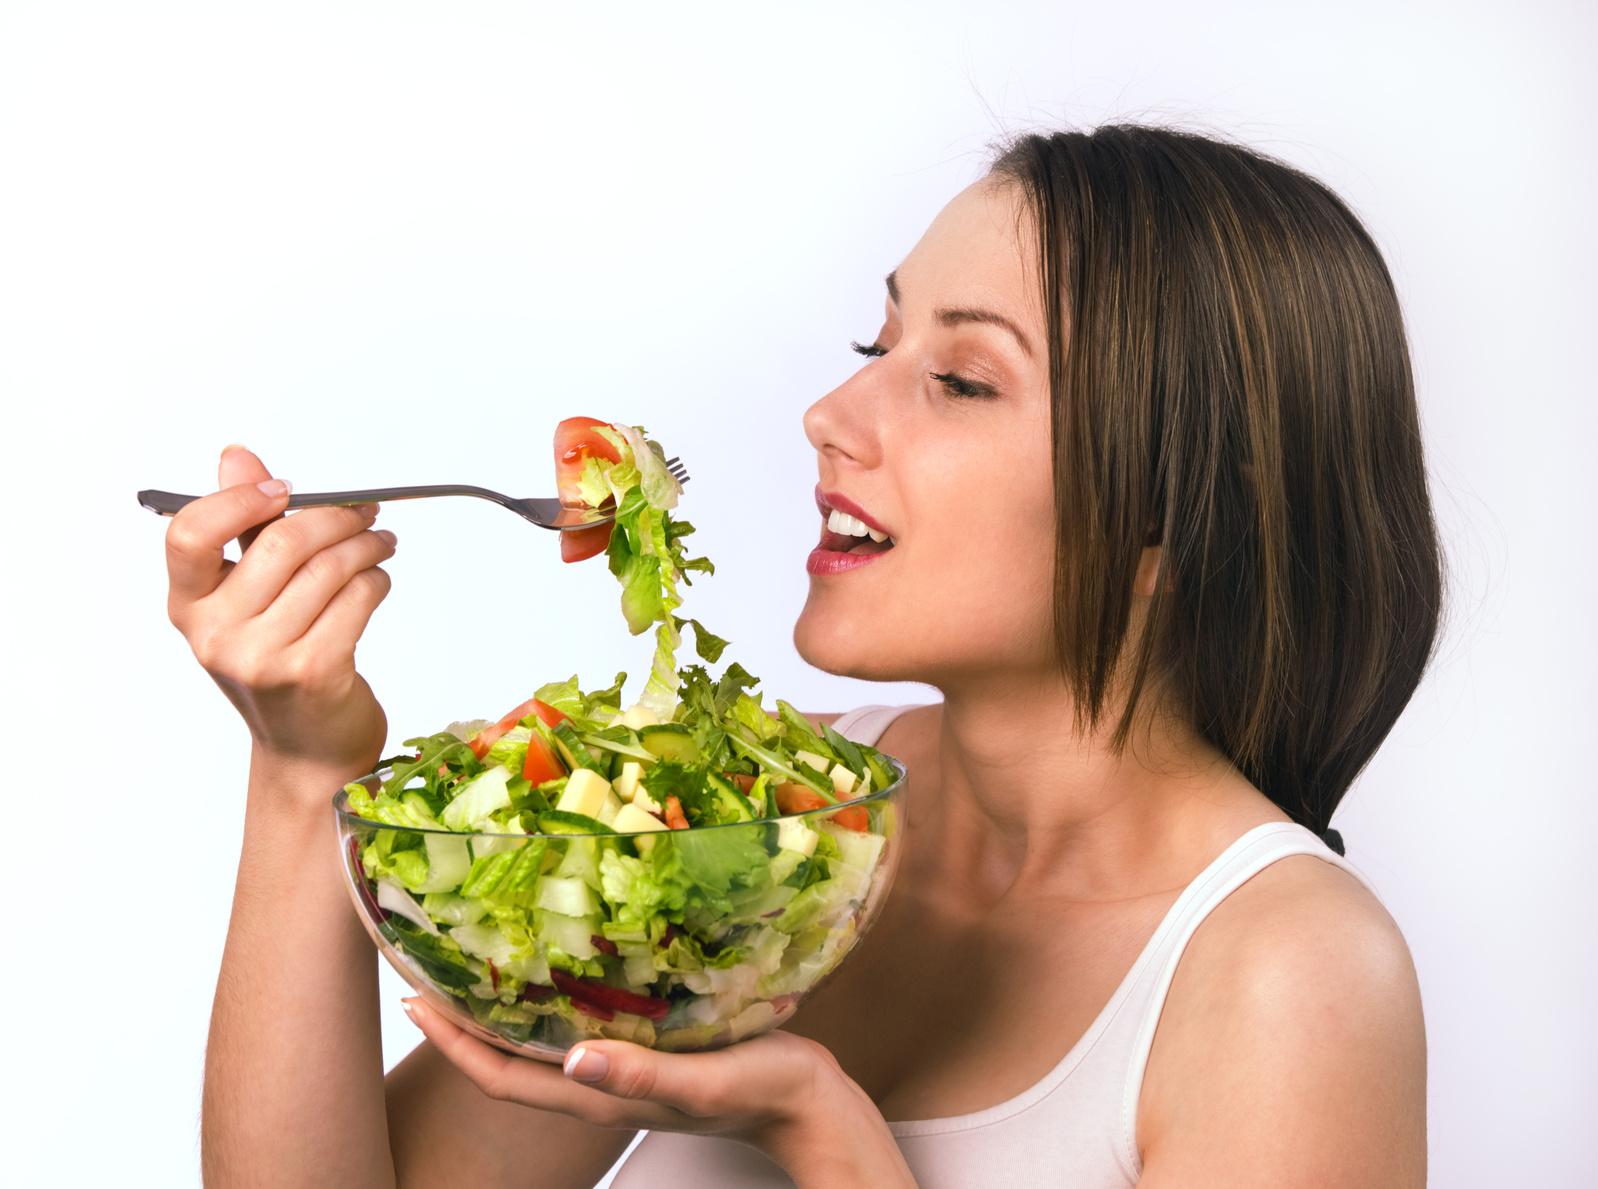 Похудеть за неделю на 5 кг реально lang ru